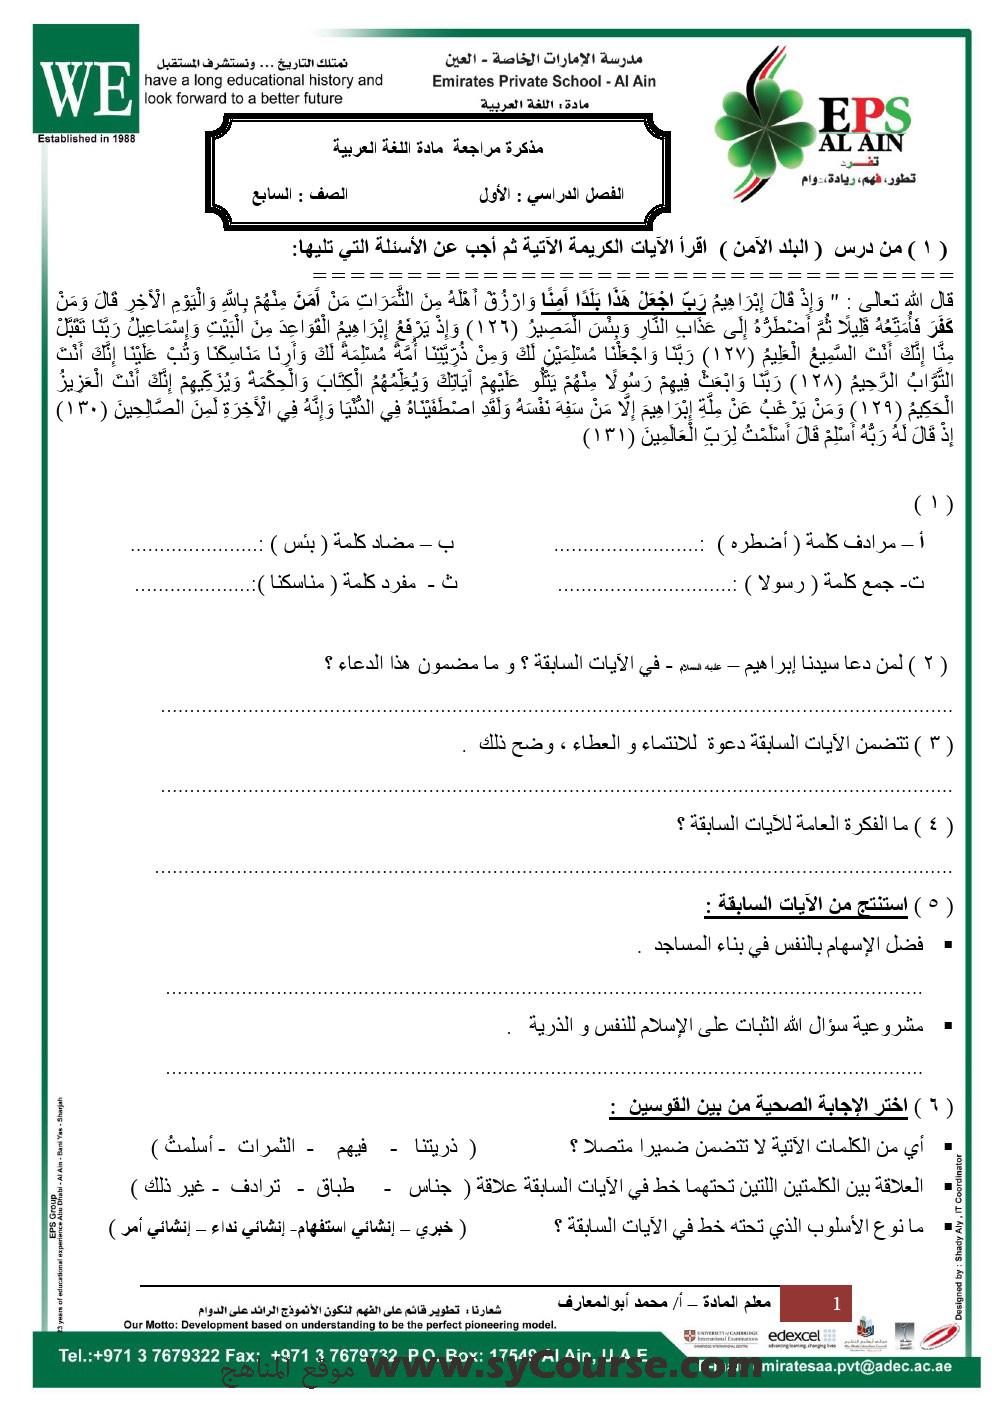 مراجعة شاملة الاختبارين الكتابي الأول والثاني لغة عربية للصف الثامن 2021